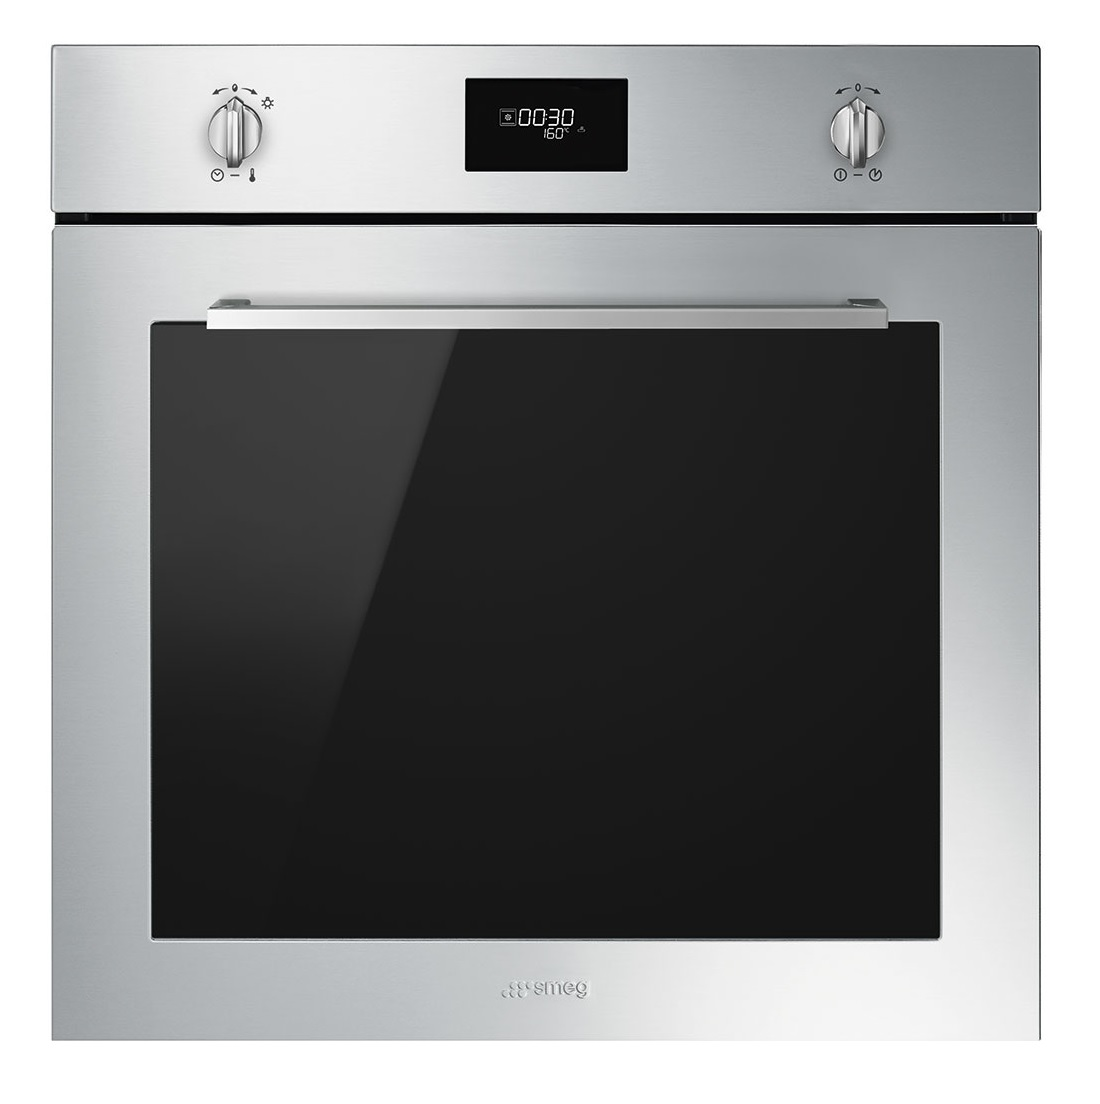 Smeg SFP6401VX Oven